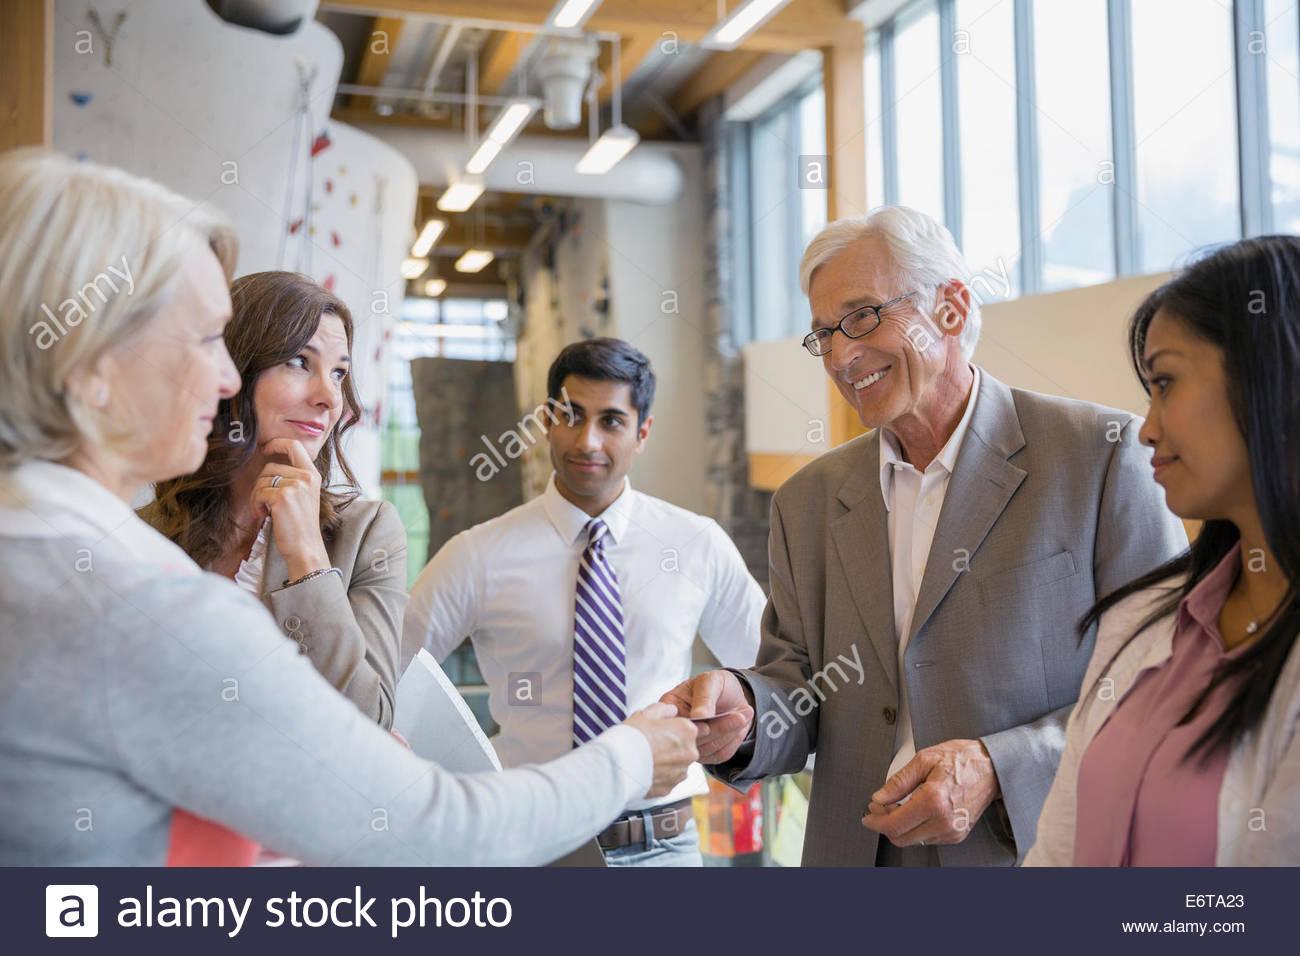 La gente de negocios de intercambiar tarjetas de visita en el vestíbulo de la oficina Imagen De Stock